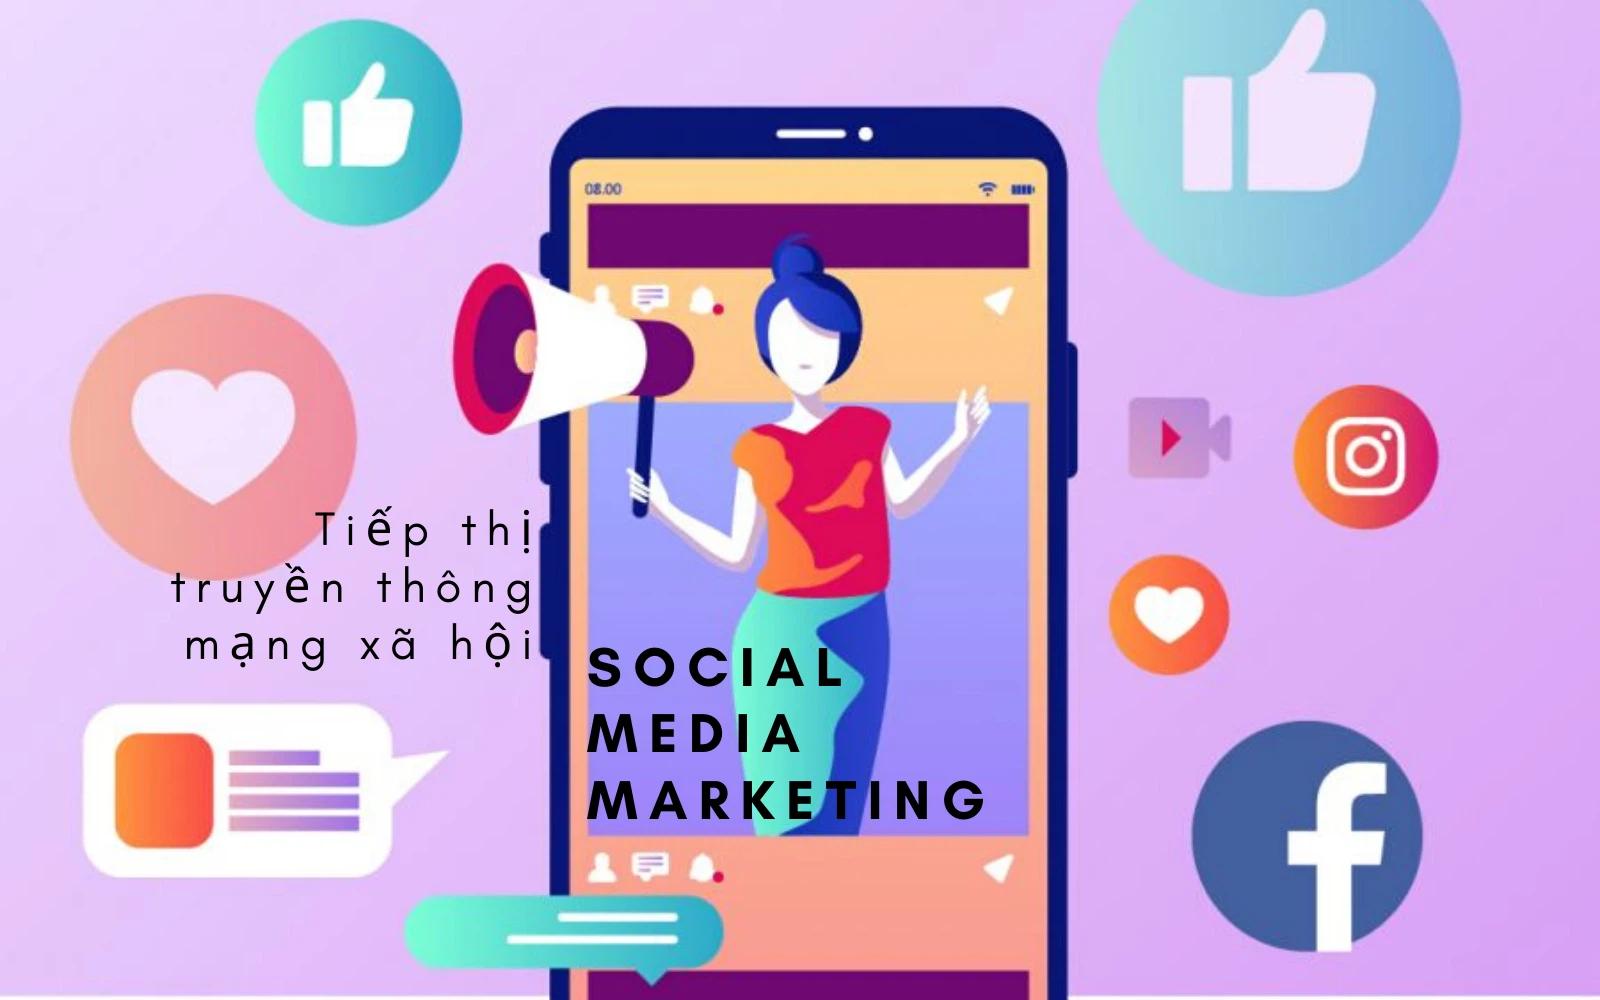 Social Media như một bức tranh về mặt hàng của tổ chức, giúp công ty sống động trong mắt người sử dụng và những người có khả năng mua hàng.